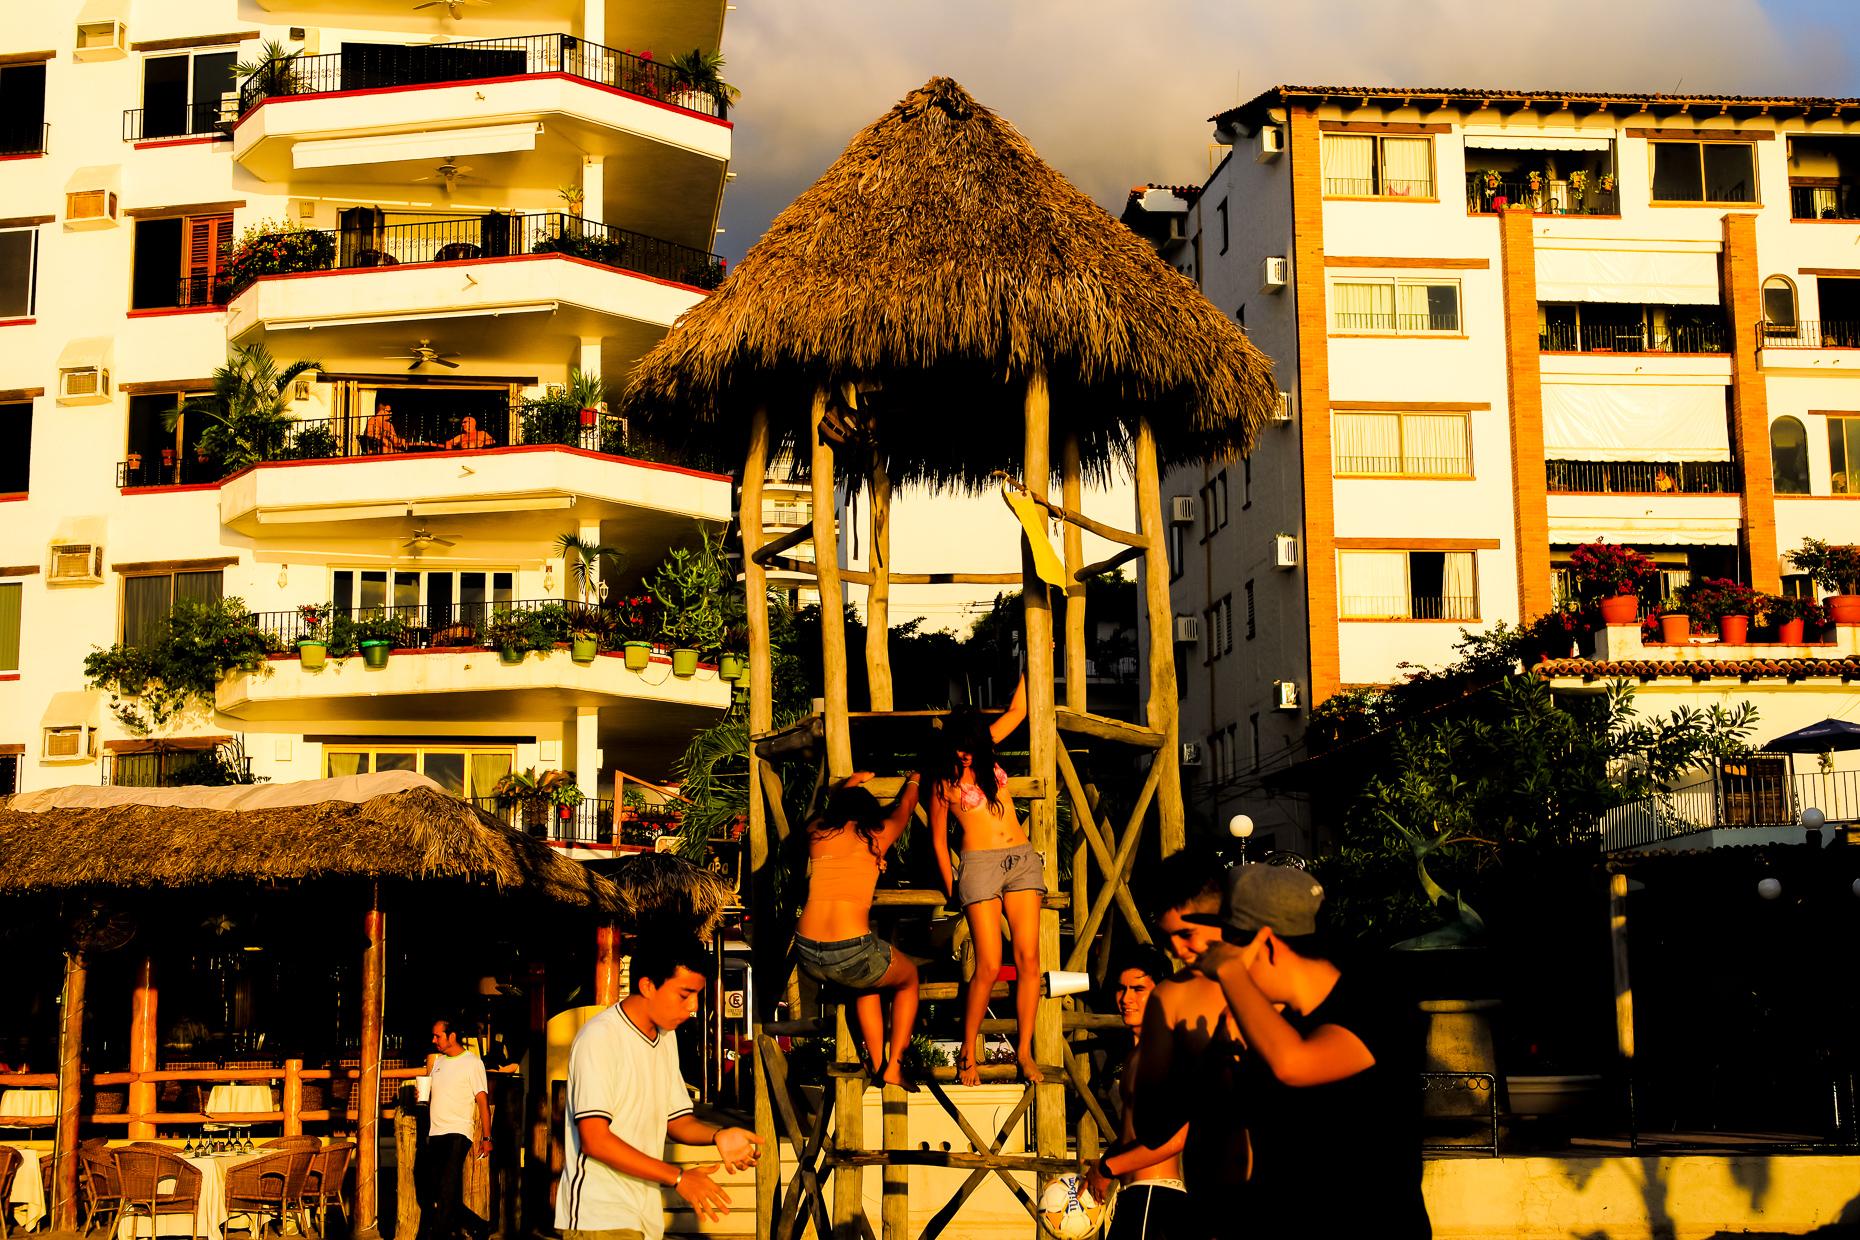 punta+mita+chip+litherland+lock+and+land+leica+excusive+resorts+0027.jpg